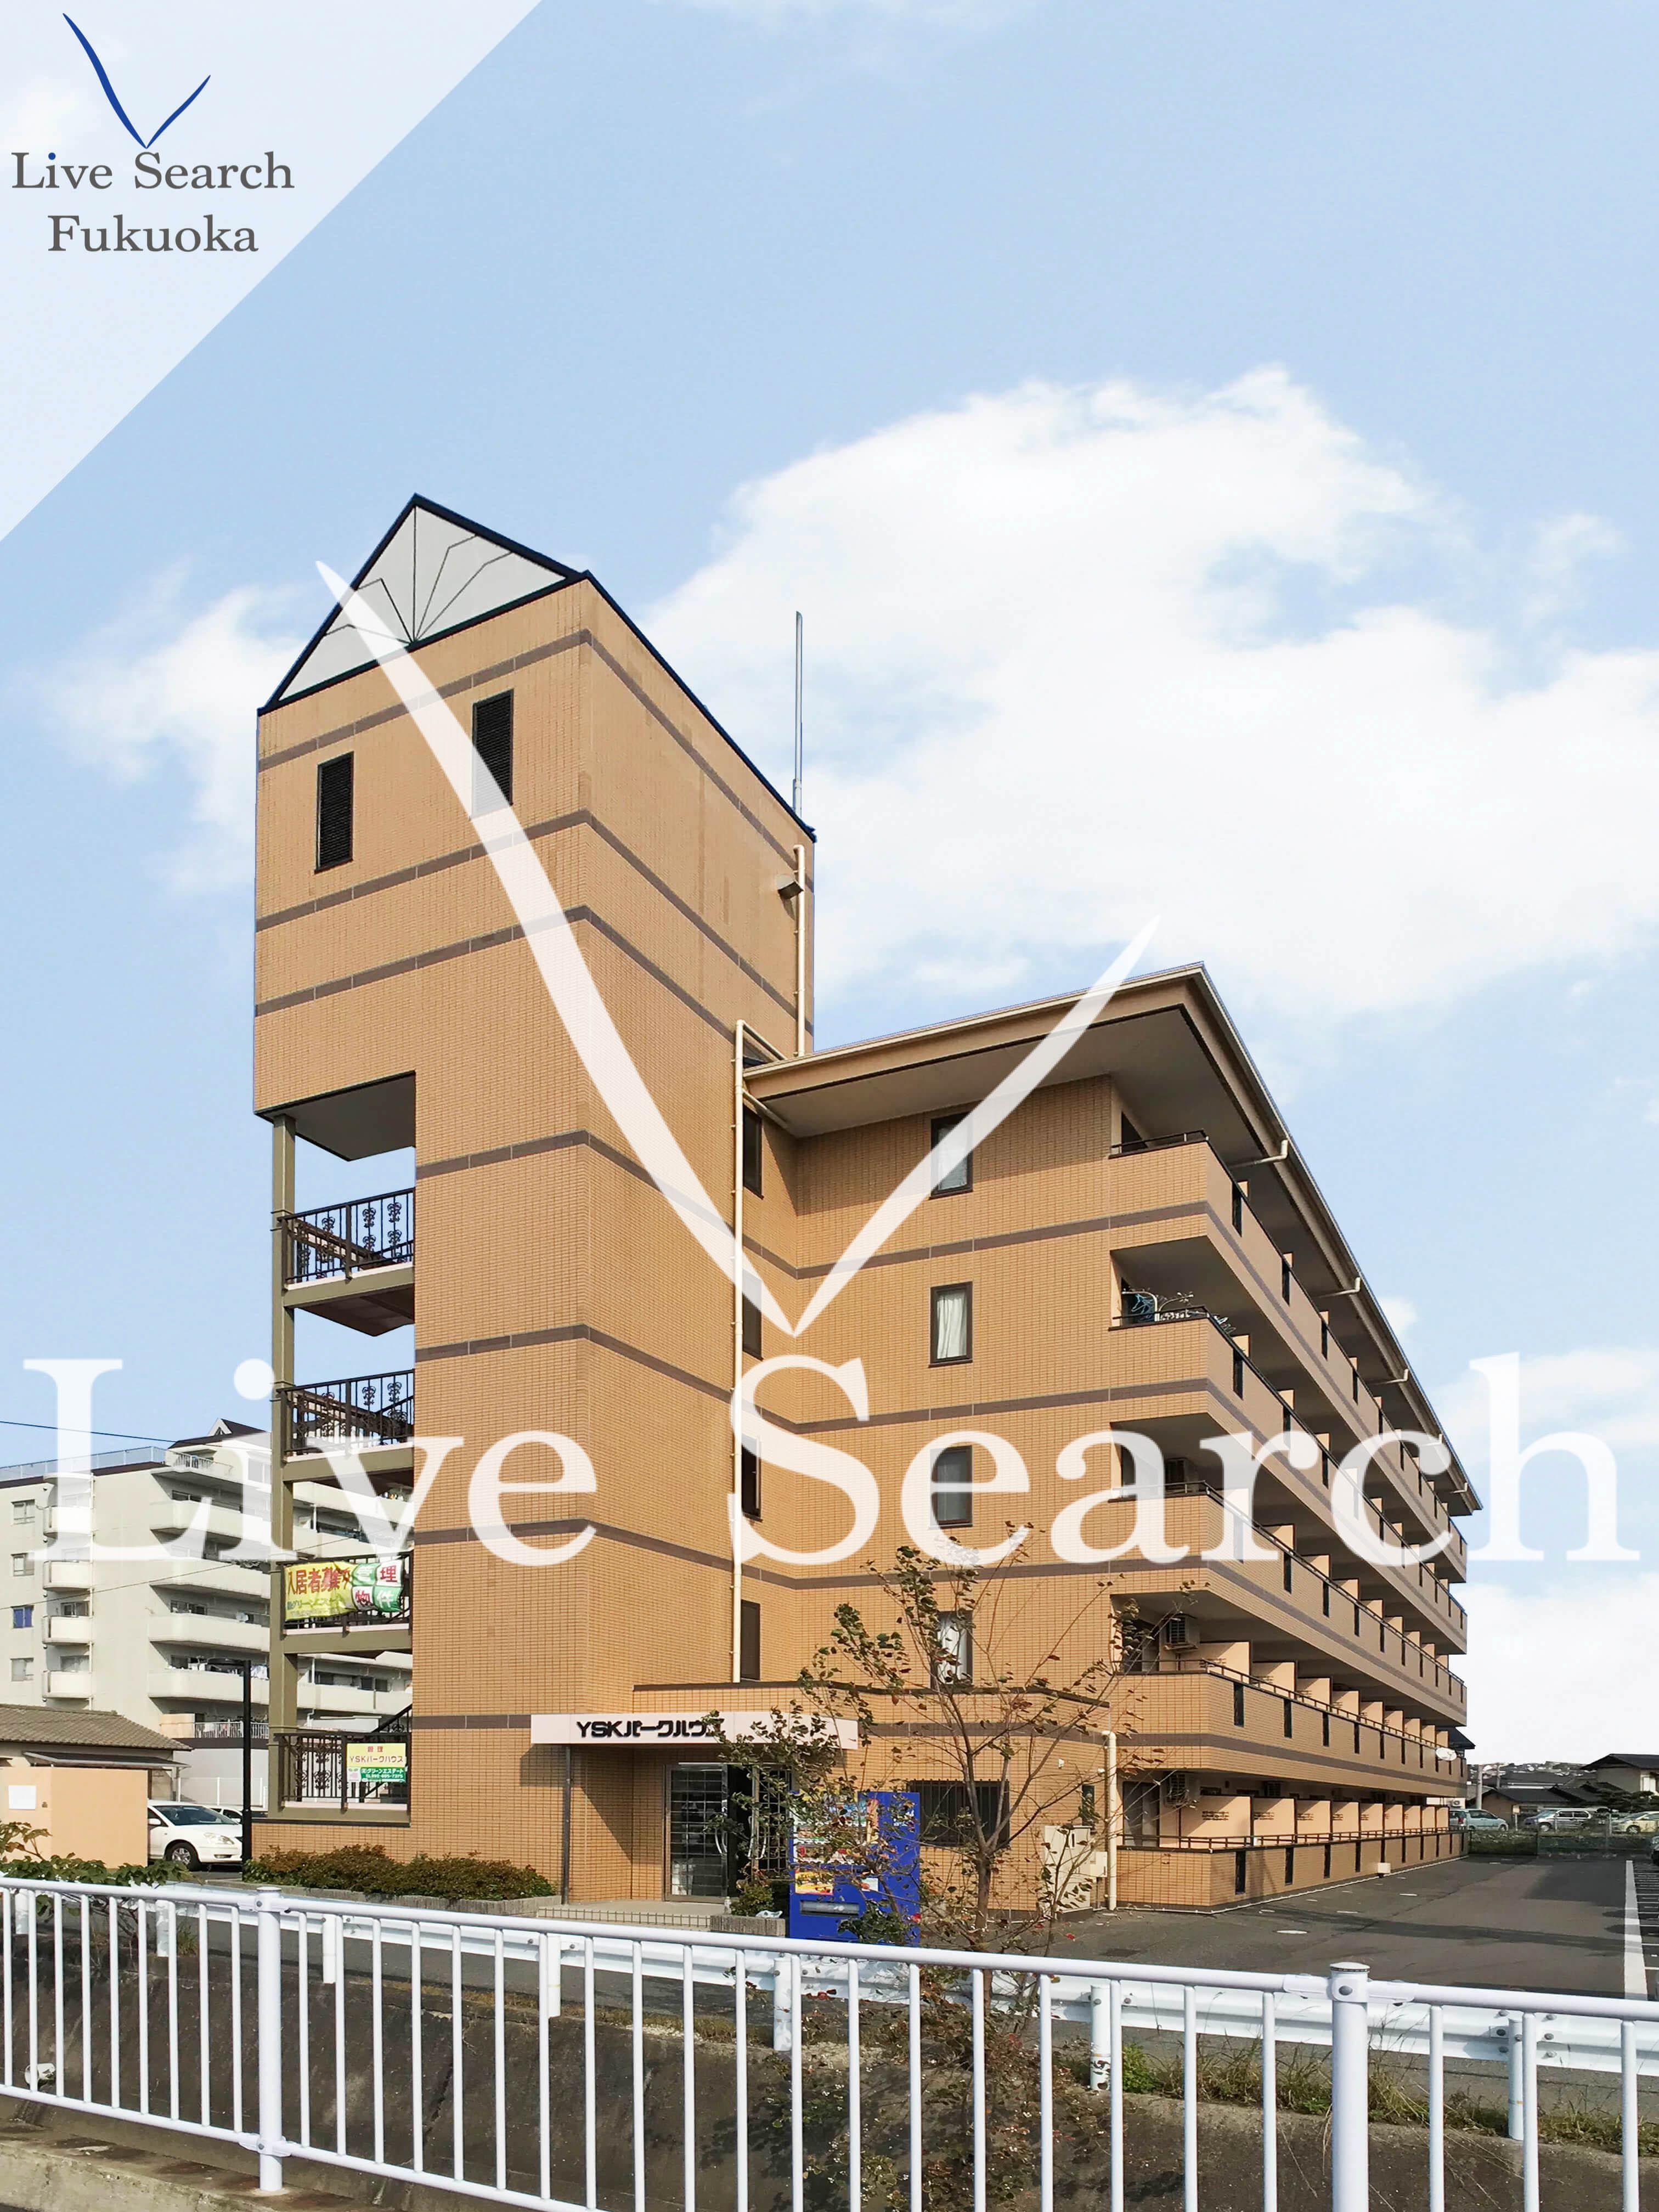 YSKパークハウス 507 【東区三苫駅】 の外観写真